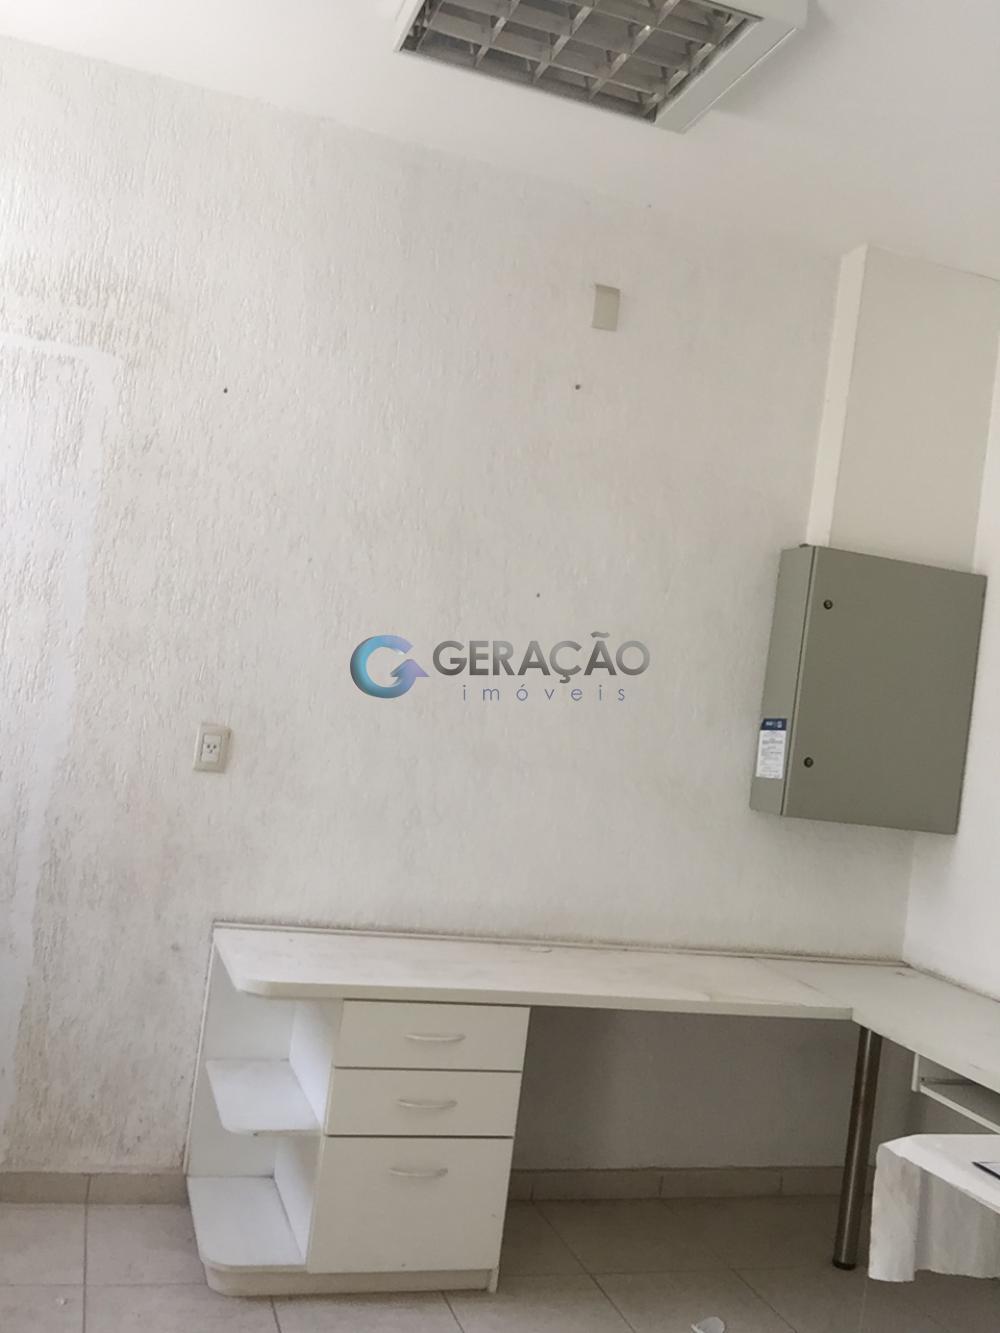 Alugar Comercial / Ponto Comercial em São José dos Campos R$ 9.000,00 - Foto 11